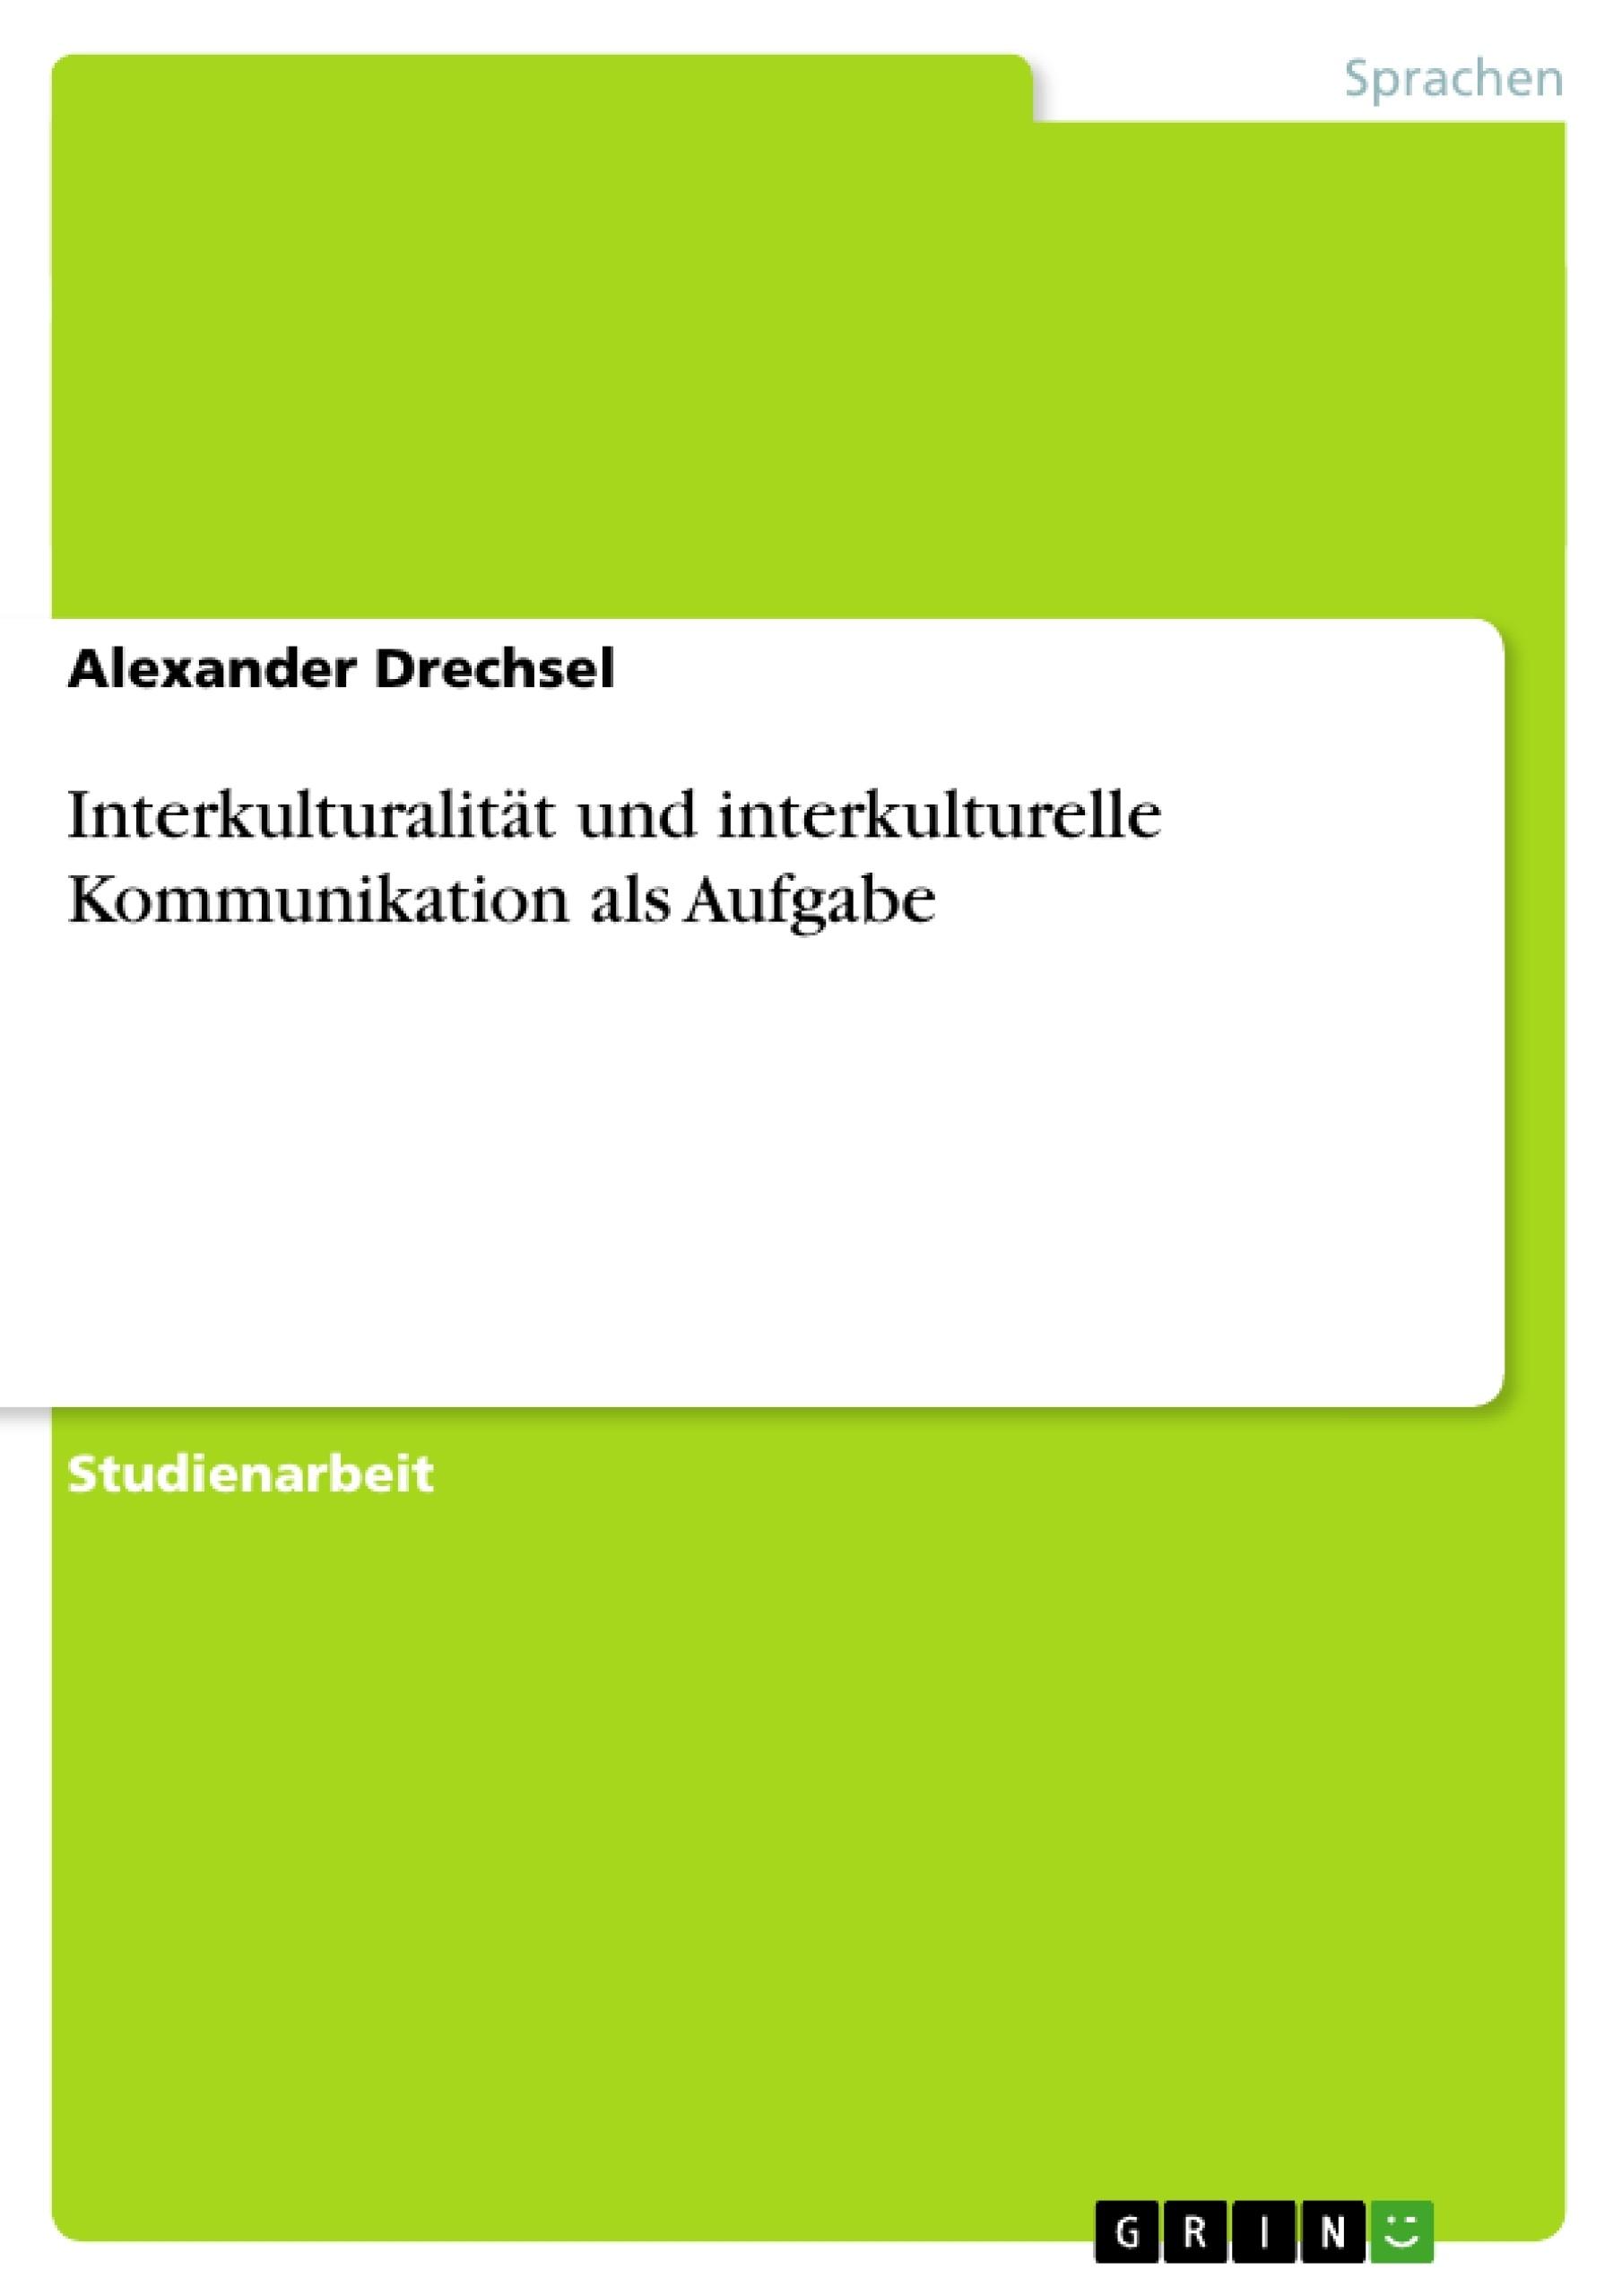 Titel: Interkulturalität und interkulturelle Kommunikation als Aufgabe